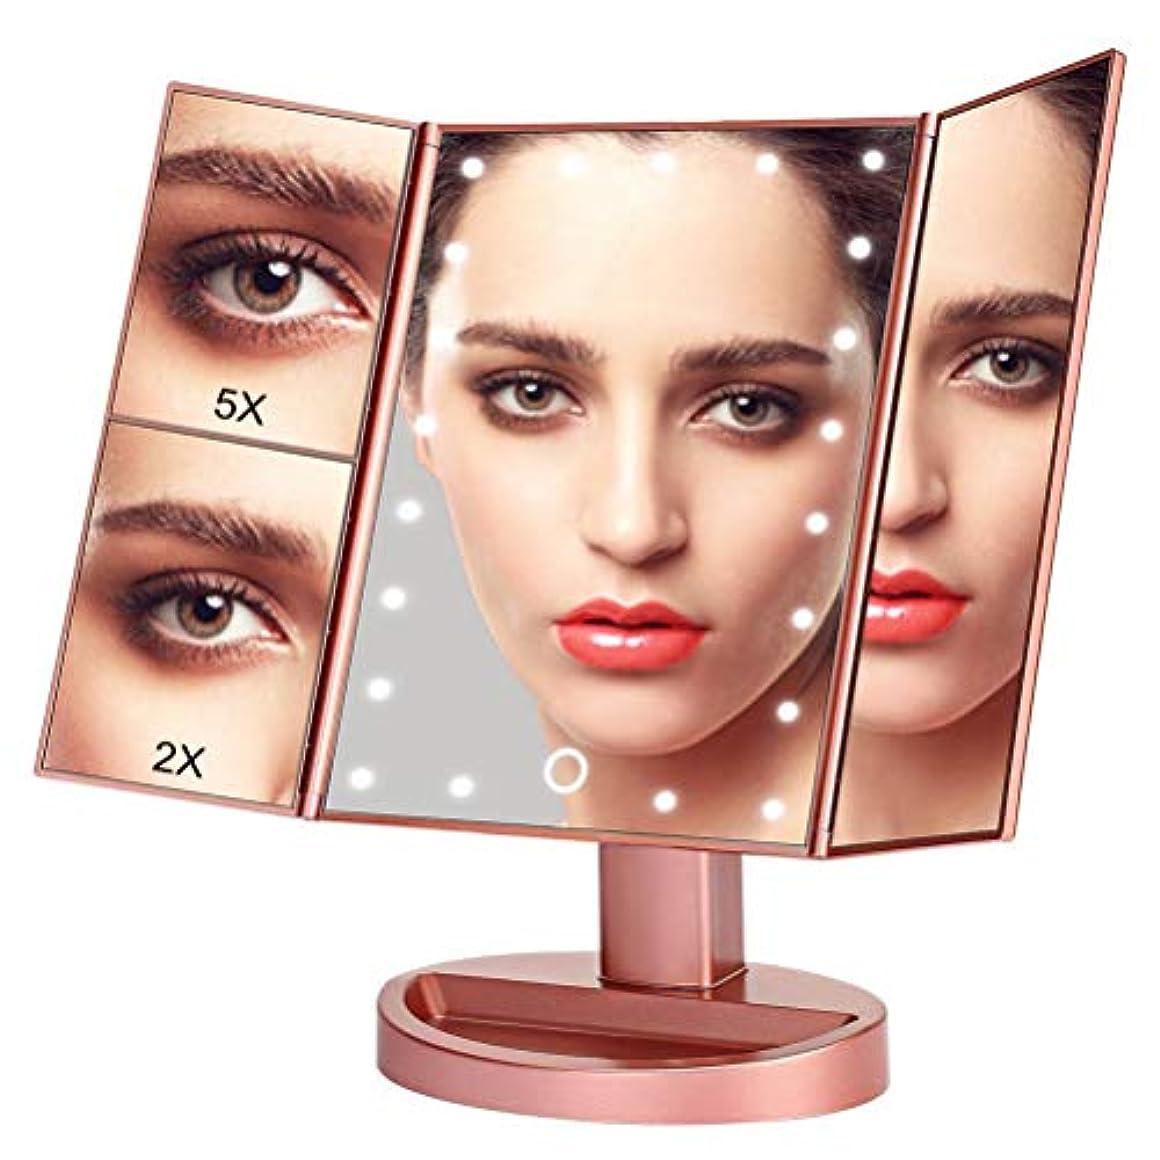 新鮮なマチュピチュこだわりOKISS 三面鏡 LED化粧鏡 卓上 ミラー 女優 鏡 2倍と5倍拡大鏡付き 明るさ調節可能 折り畳み式 180°回転 USB/単4電池給電 (LED三面鏡2)